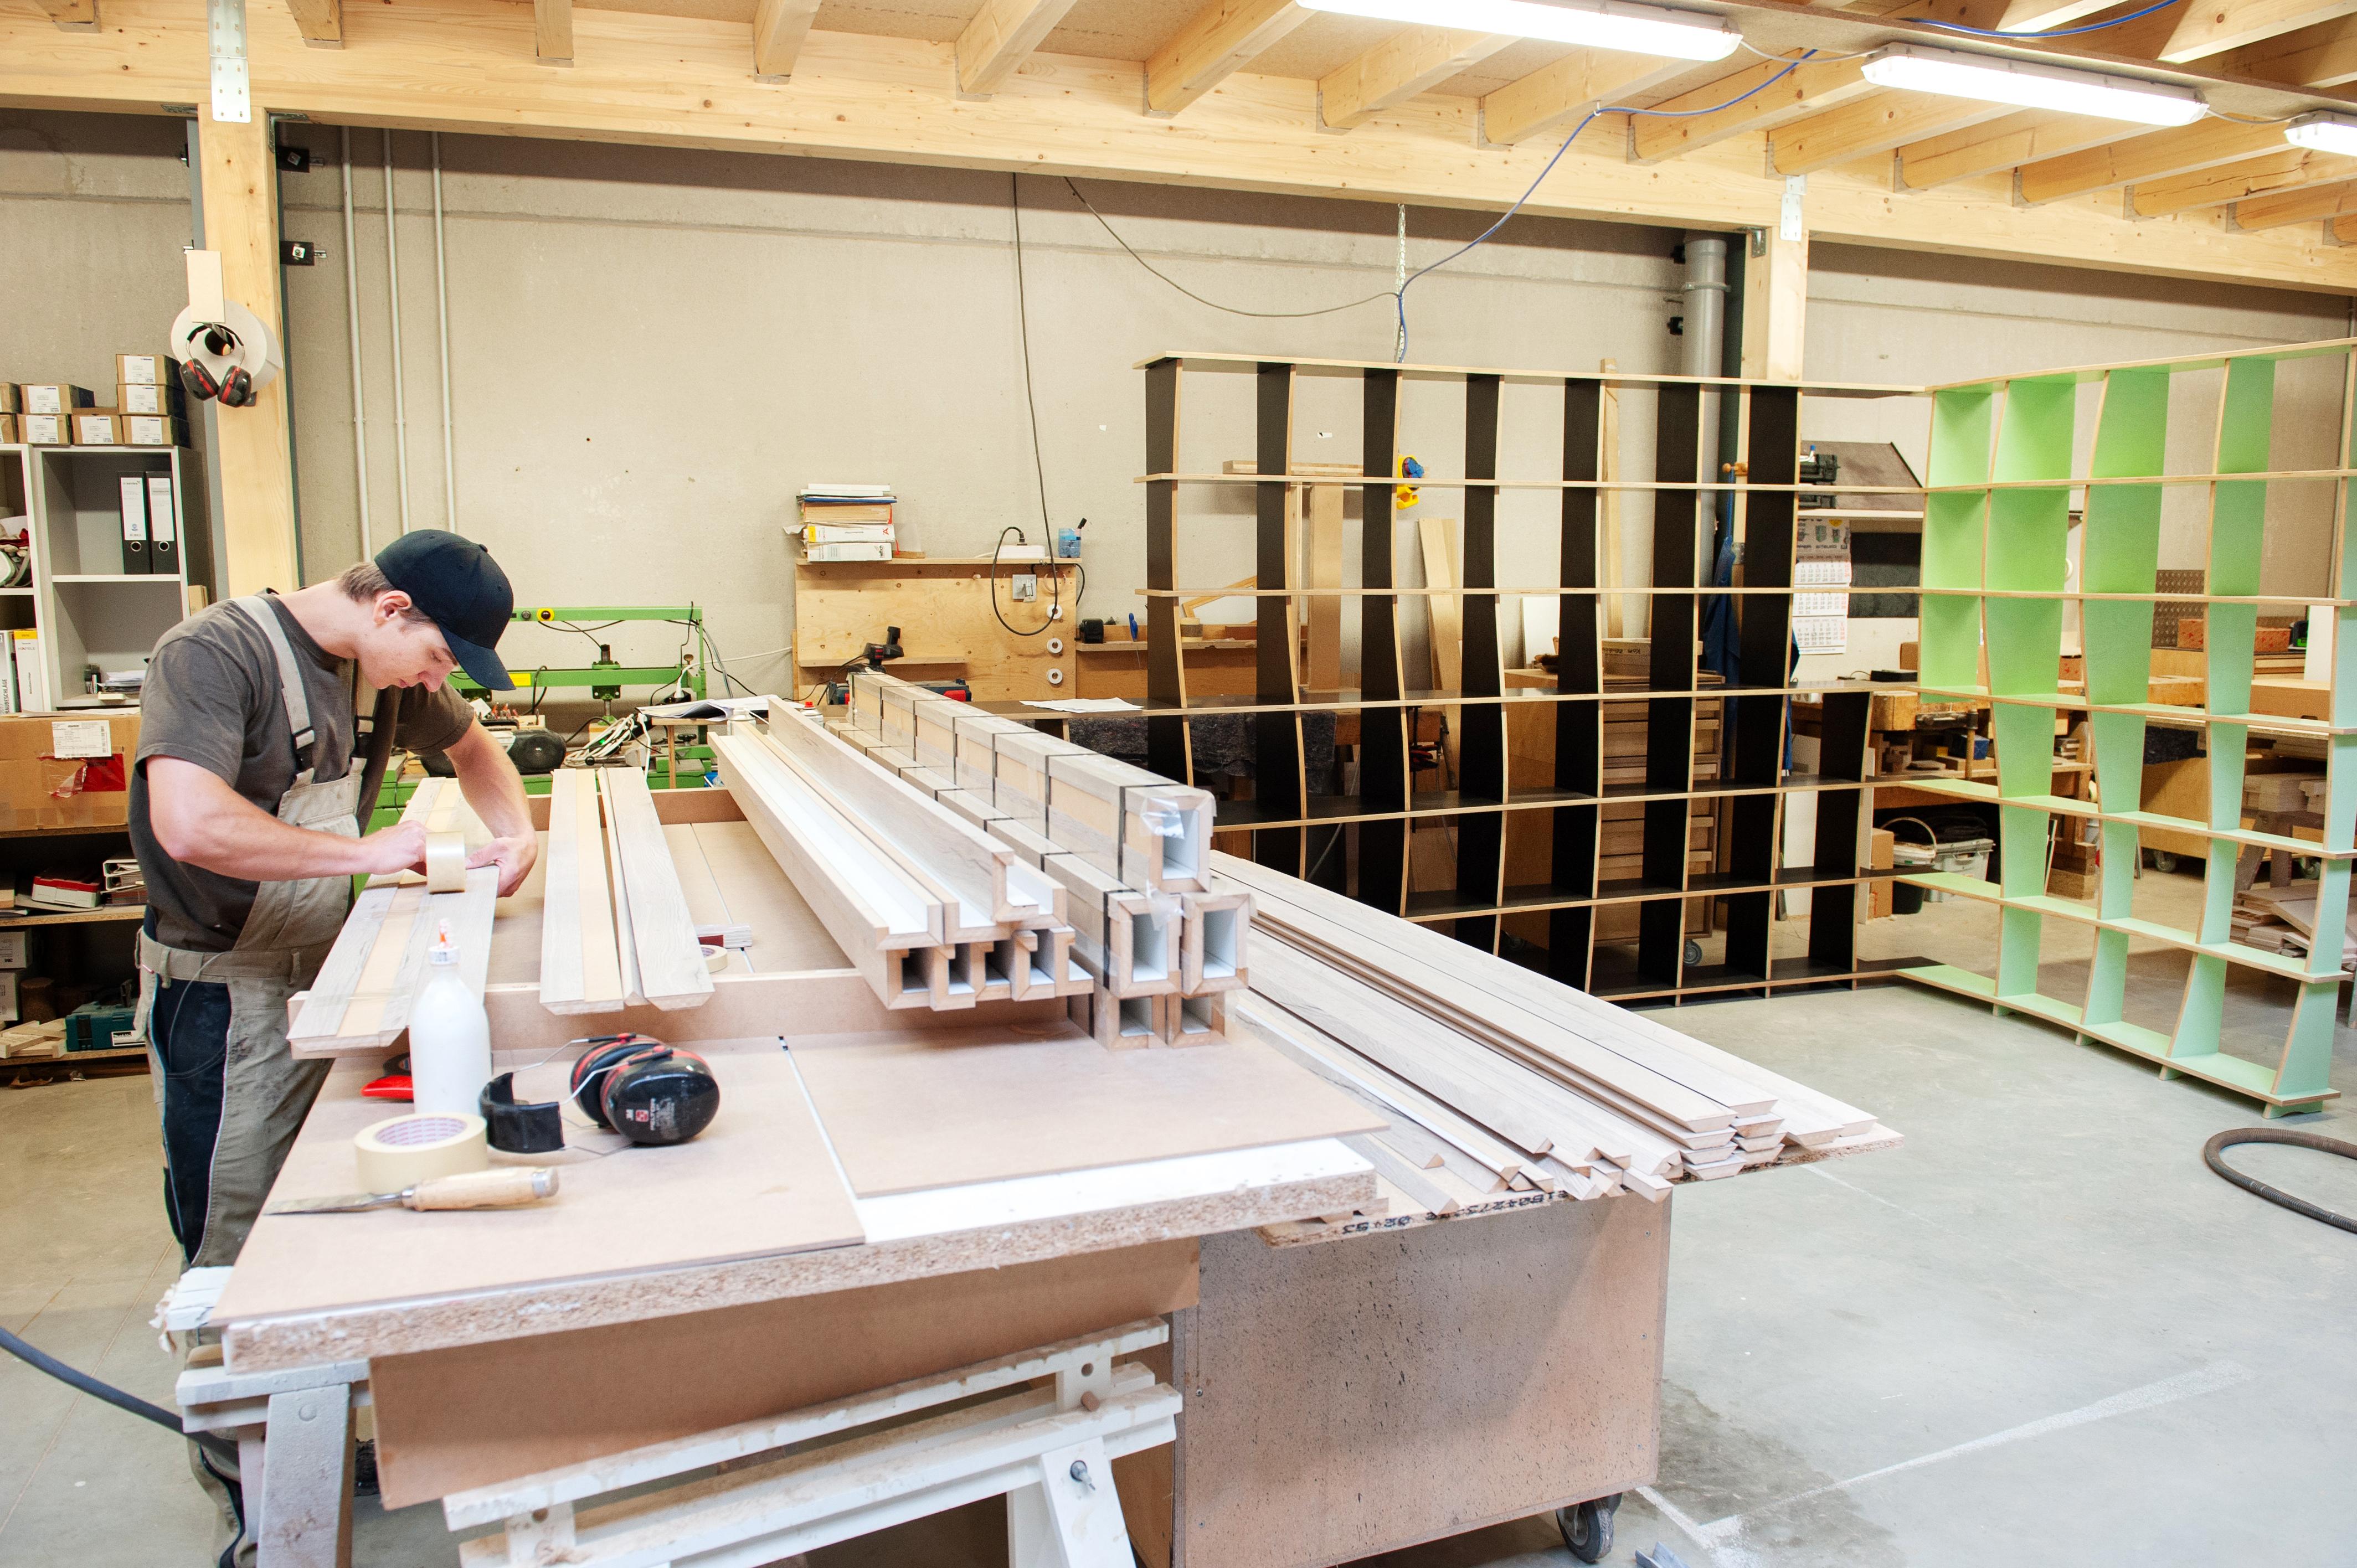 Sur les douze salariés que compte la menuiserie, sept sont allemands. (Photo: Lala La Photo)